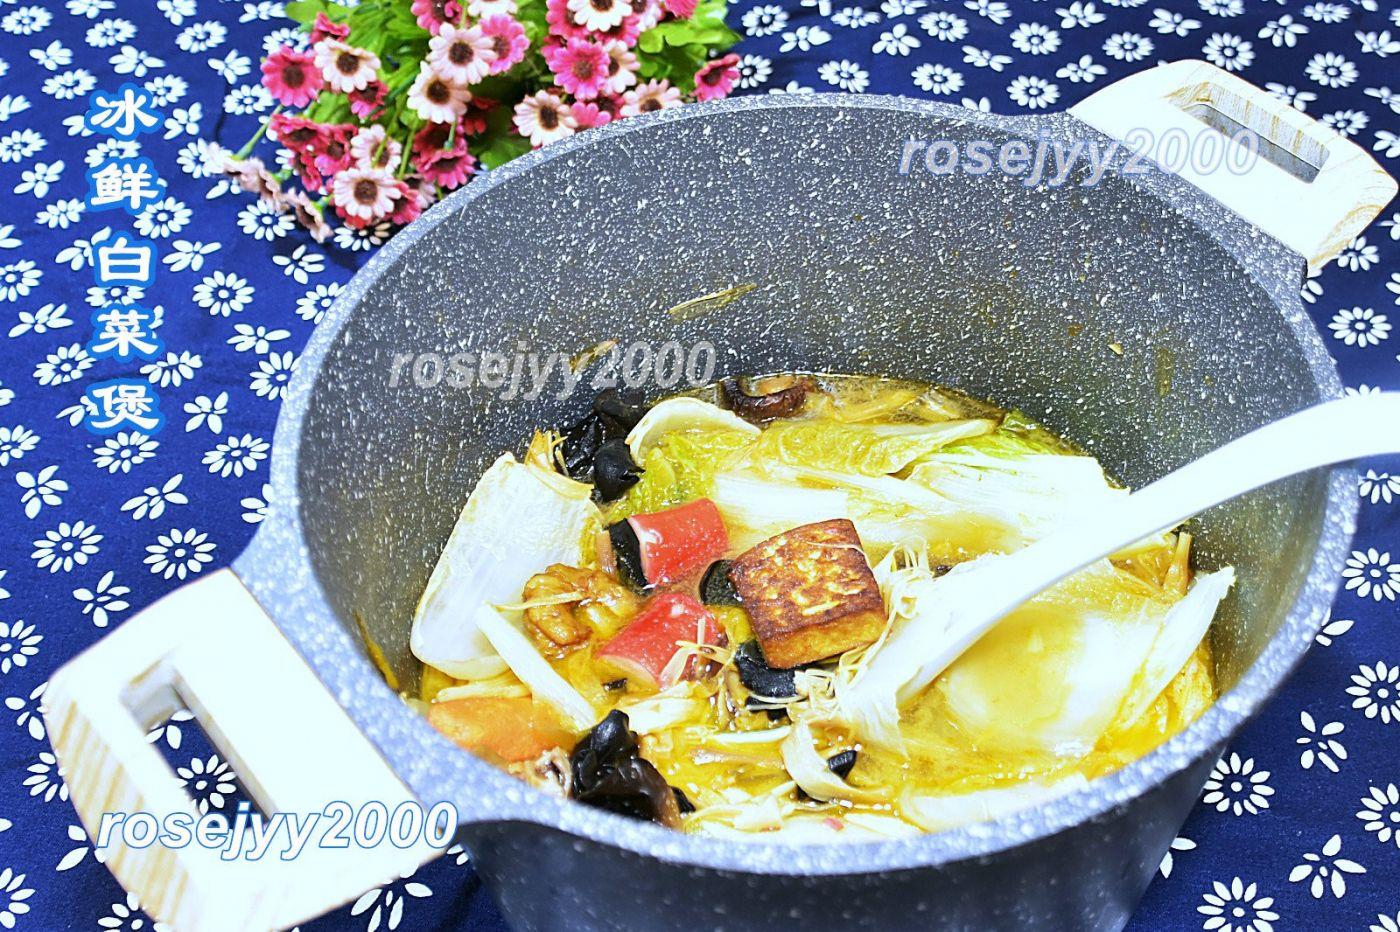 海鲜白菜煲_图1-1